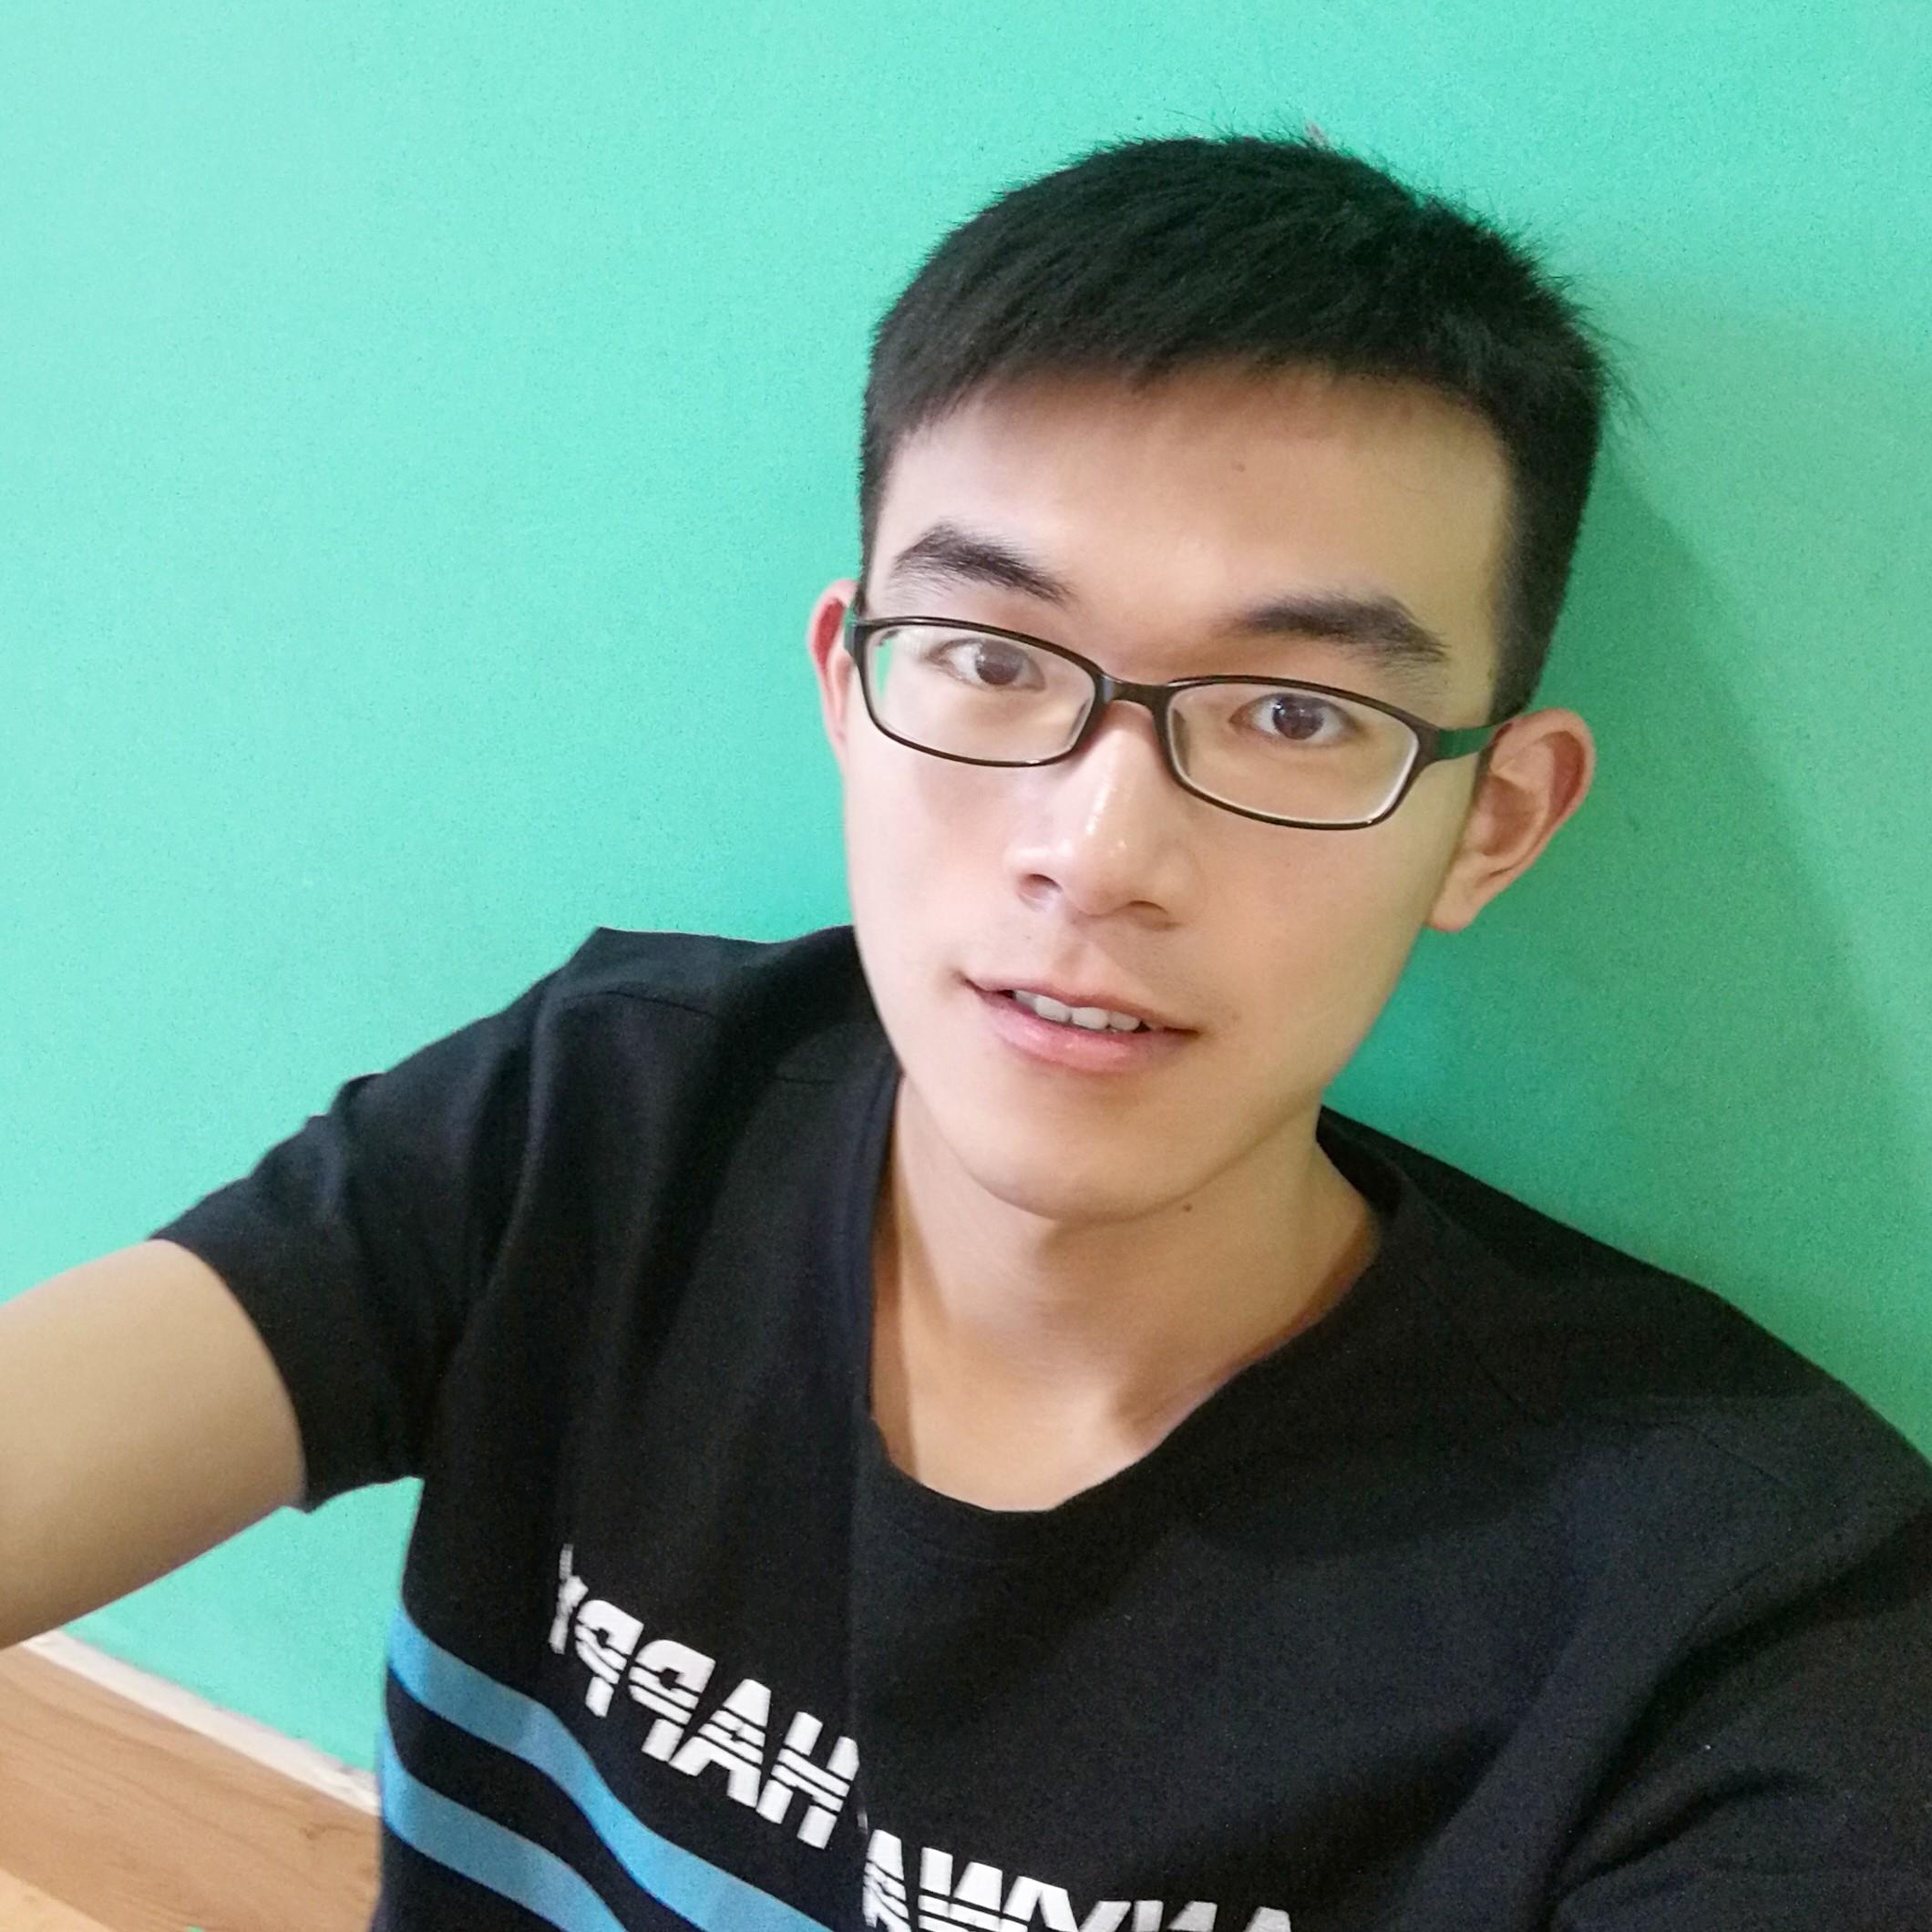 上海家教谢老师